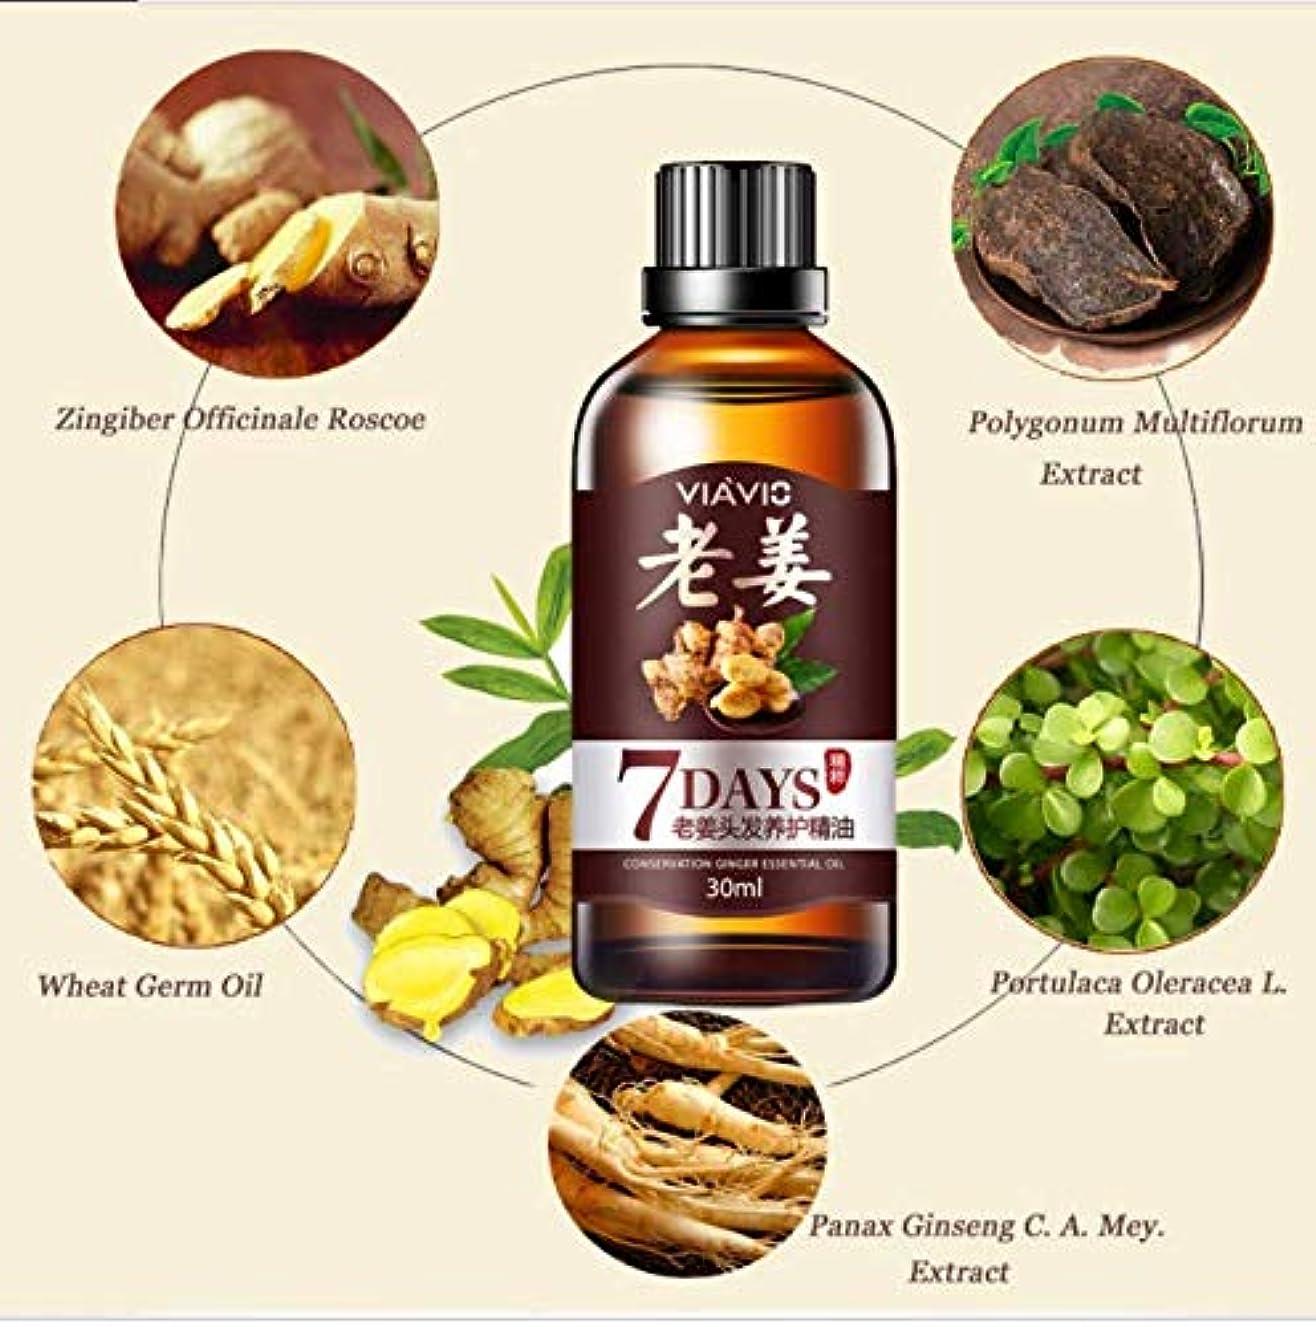 リップ惑星アニメーション3pcs x Ginger Hair Growth Essential Oil 30mL, Hair Loss Treatment Ginger Oil for Men & Women